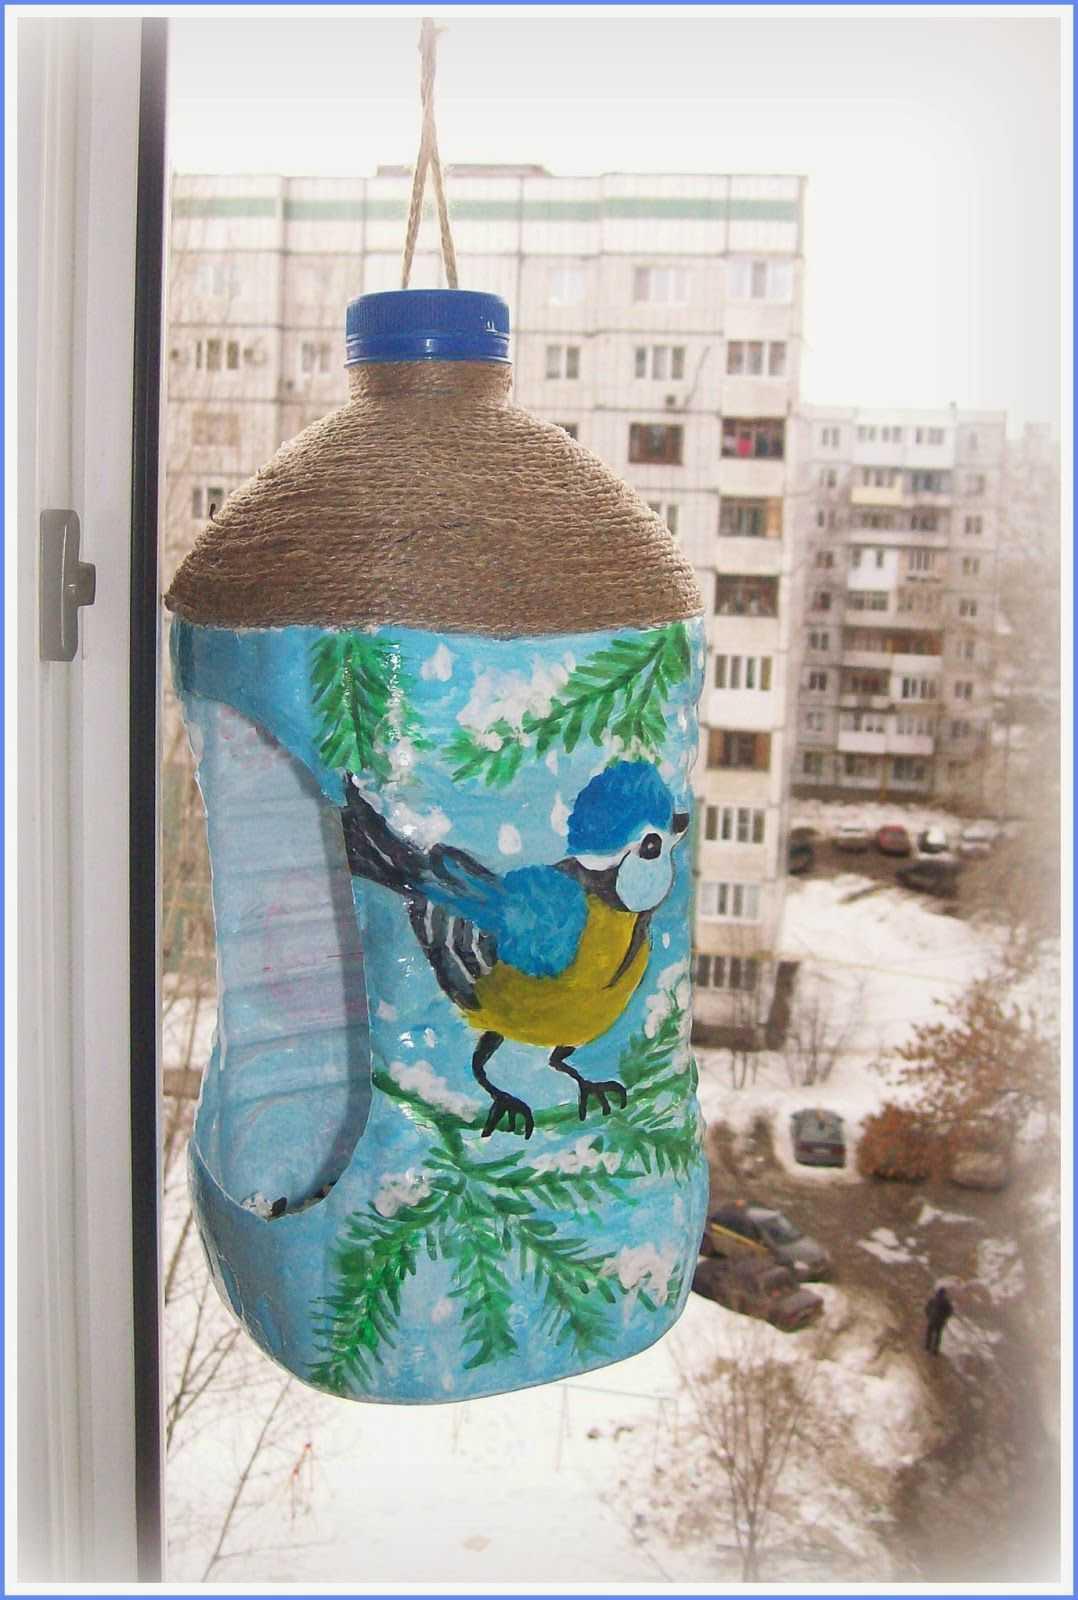 Как сделать кормушку для кур своими руками, в том числе из пластиковой 5 литровой бутылки?